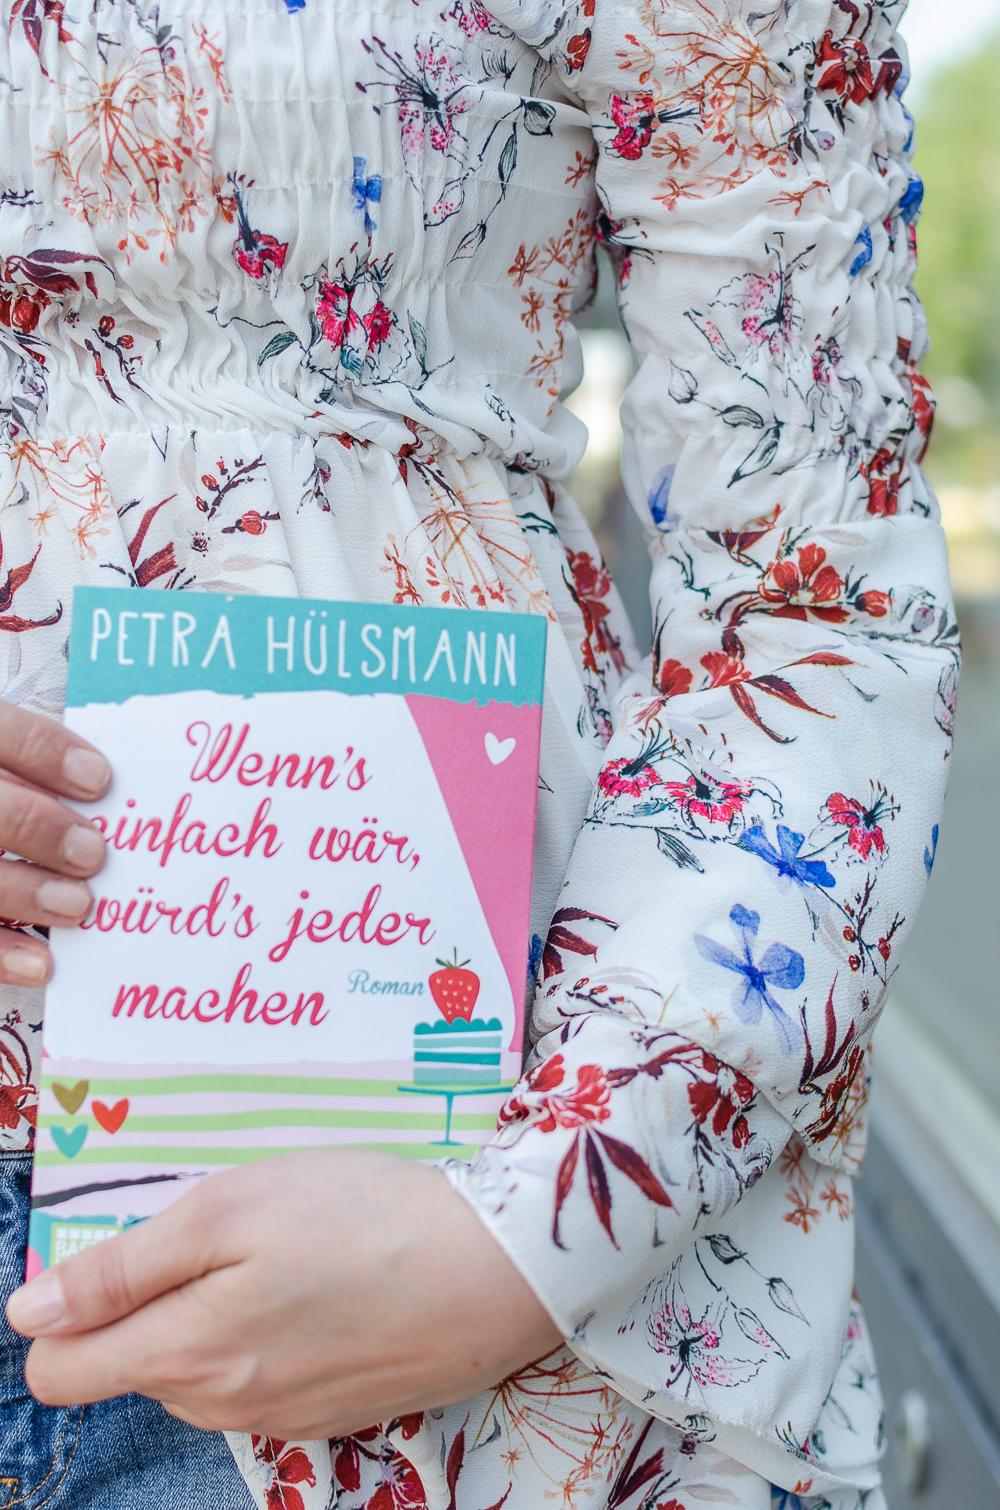 Buchtipp für den Sommer-Wenn's einfach wär würd's jeder machen-Petra Hülsmann-Bastei Lübbe-andysparkles